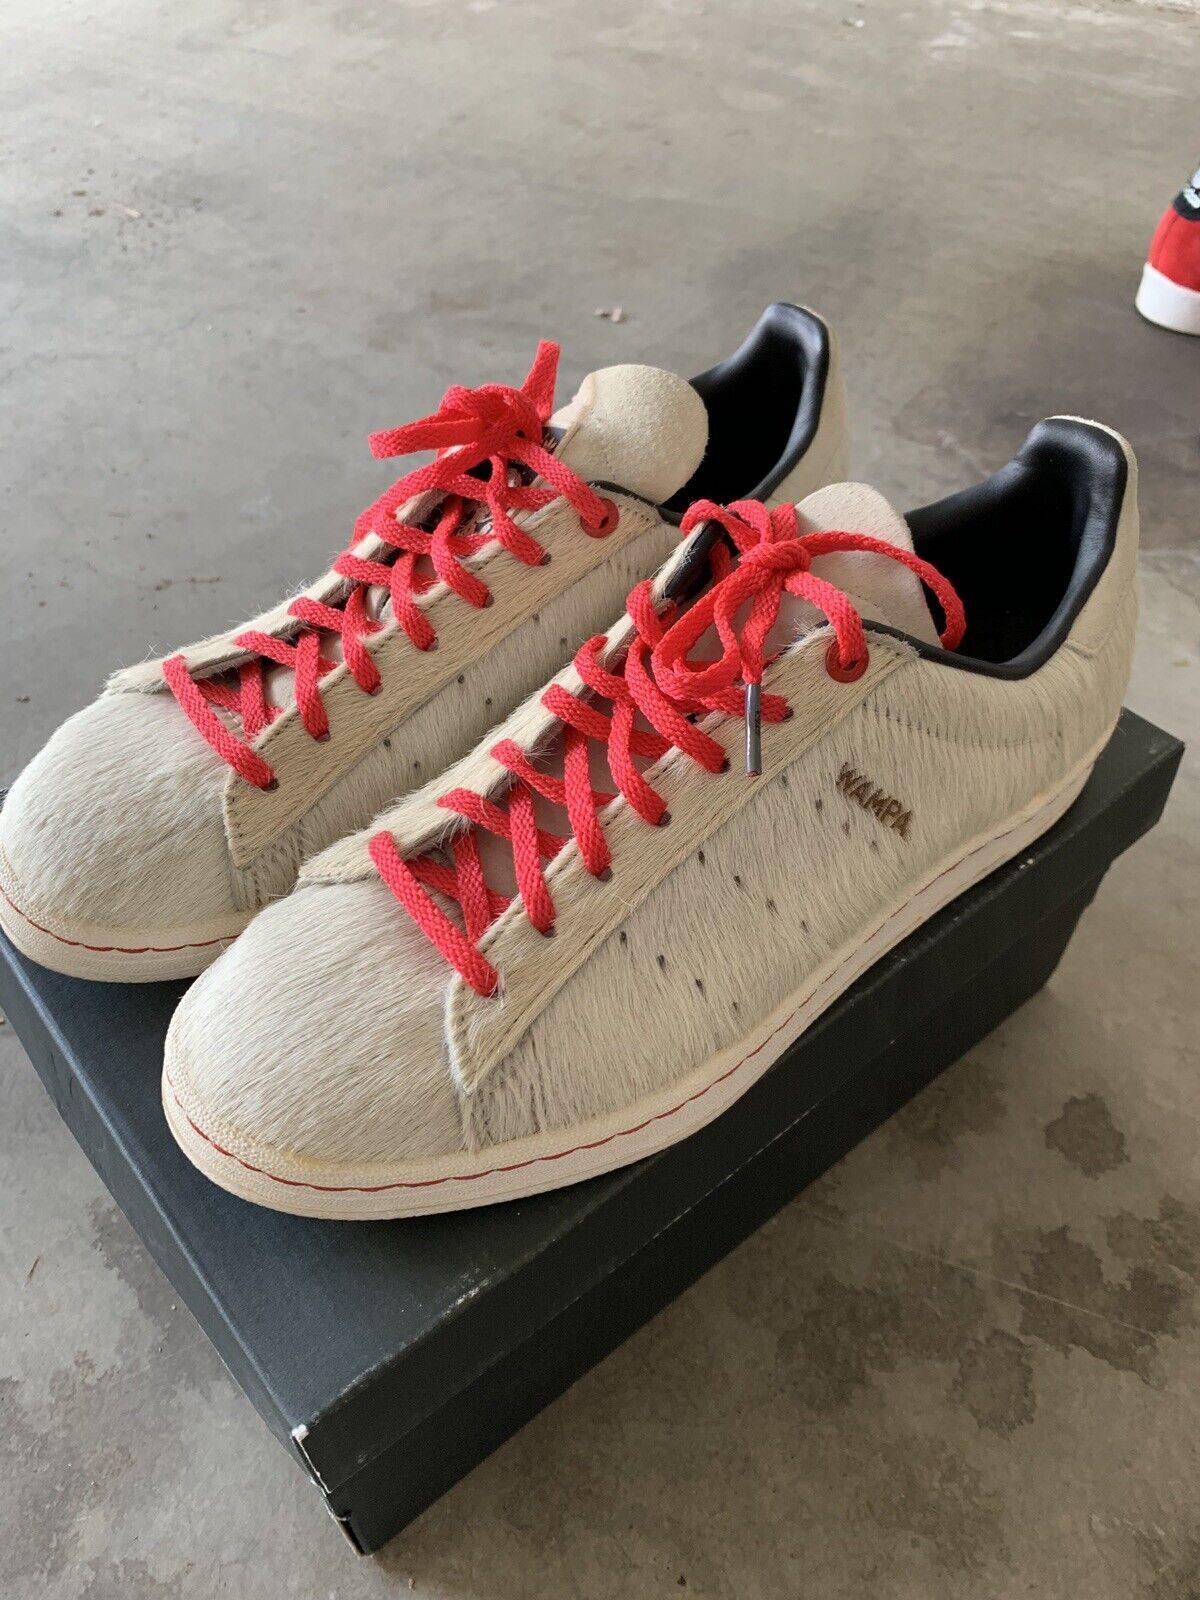 Adidas Originals Star Wars Wampa Campus 80 Size 7.5M